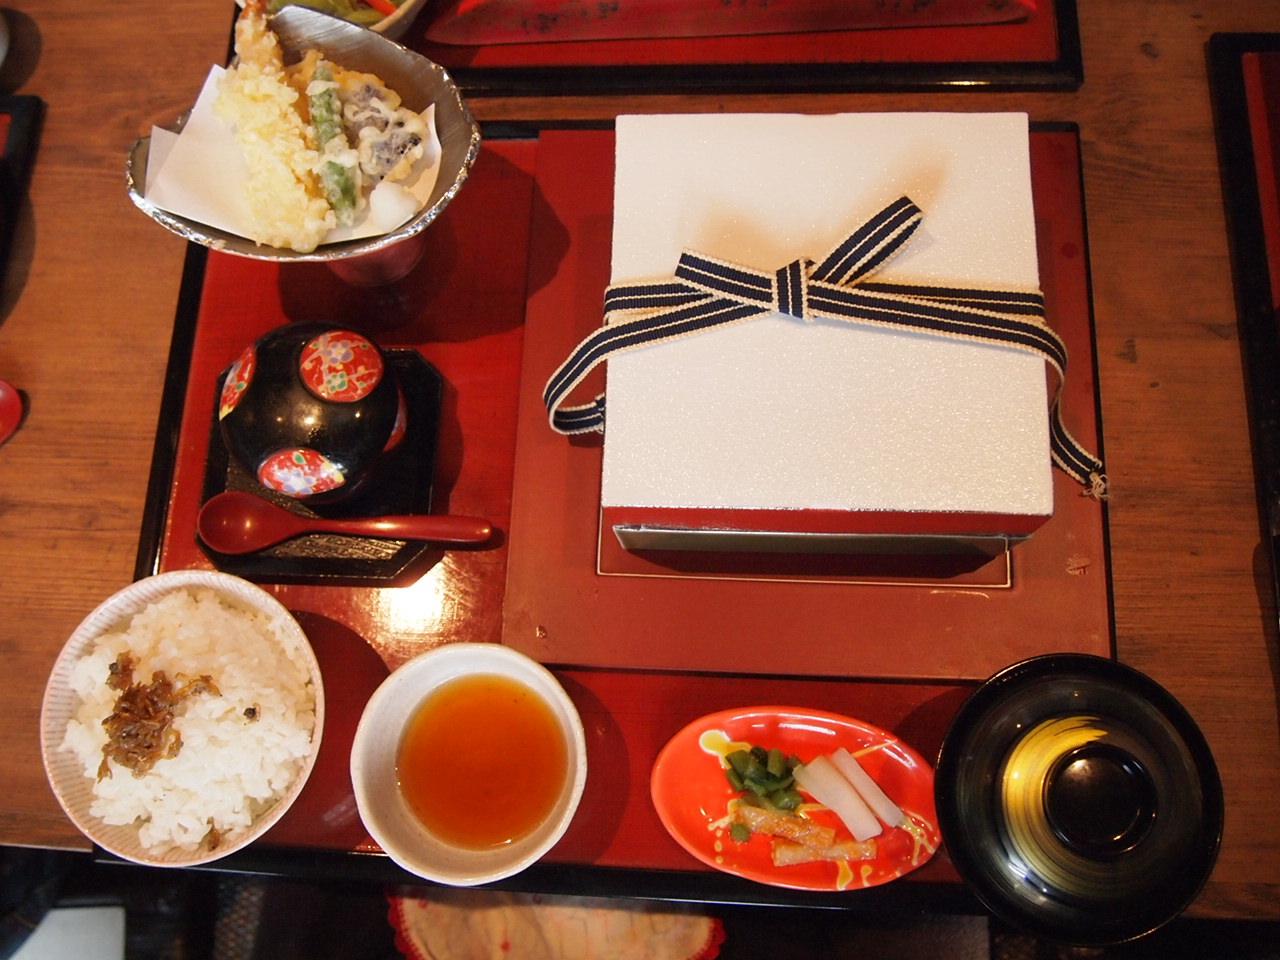 音羽茶屋 芦屋店   海鮮料理、懐石・会席料理_d0083265_22193871.jpg